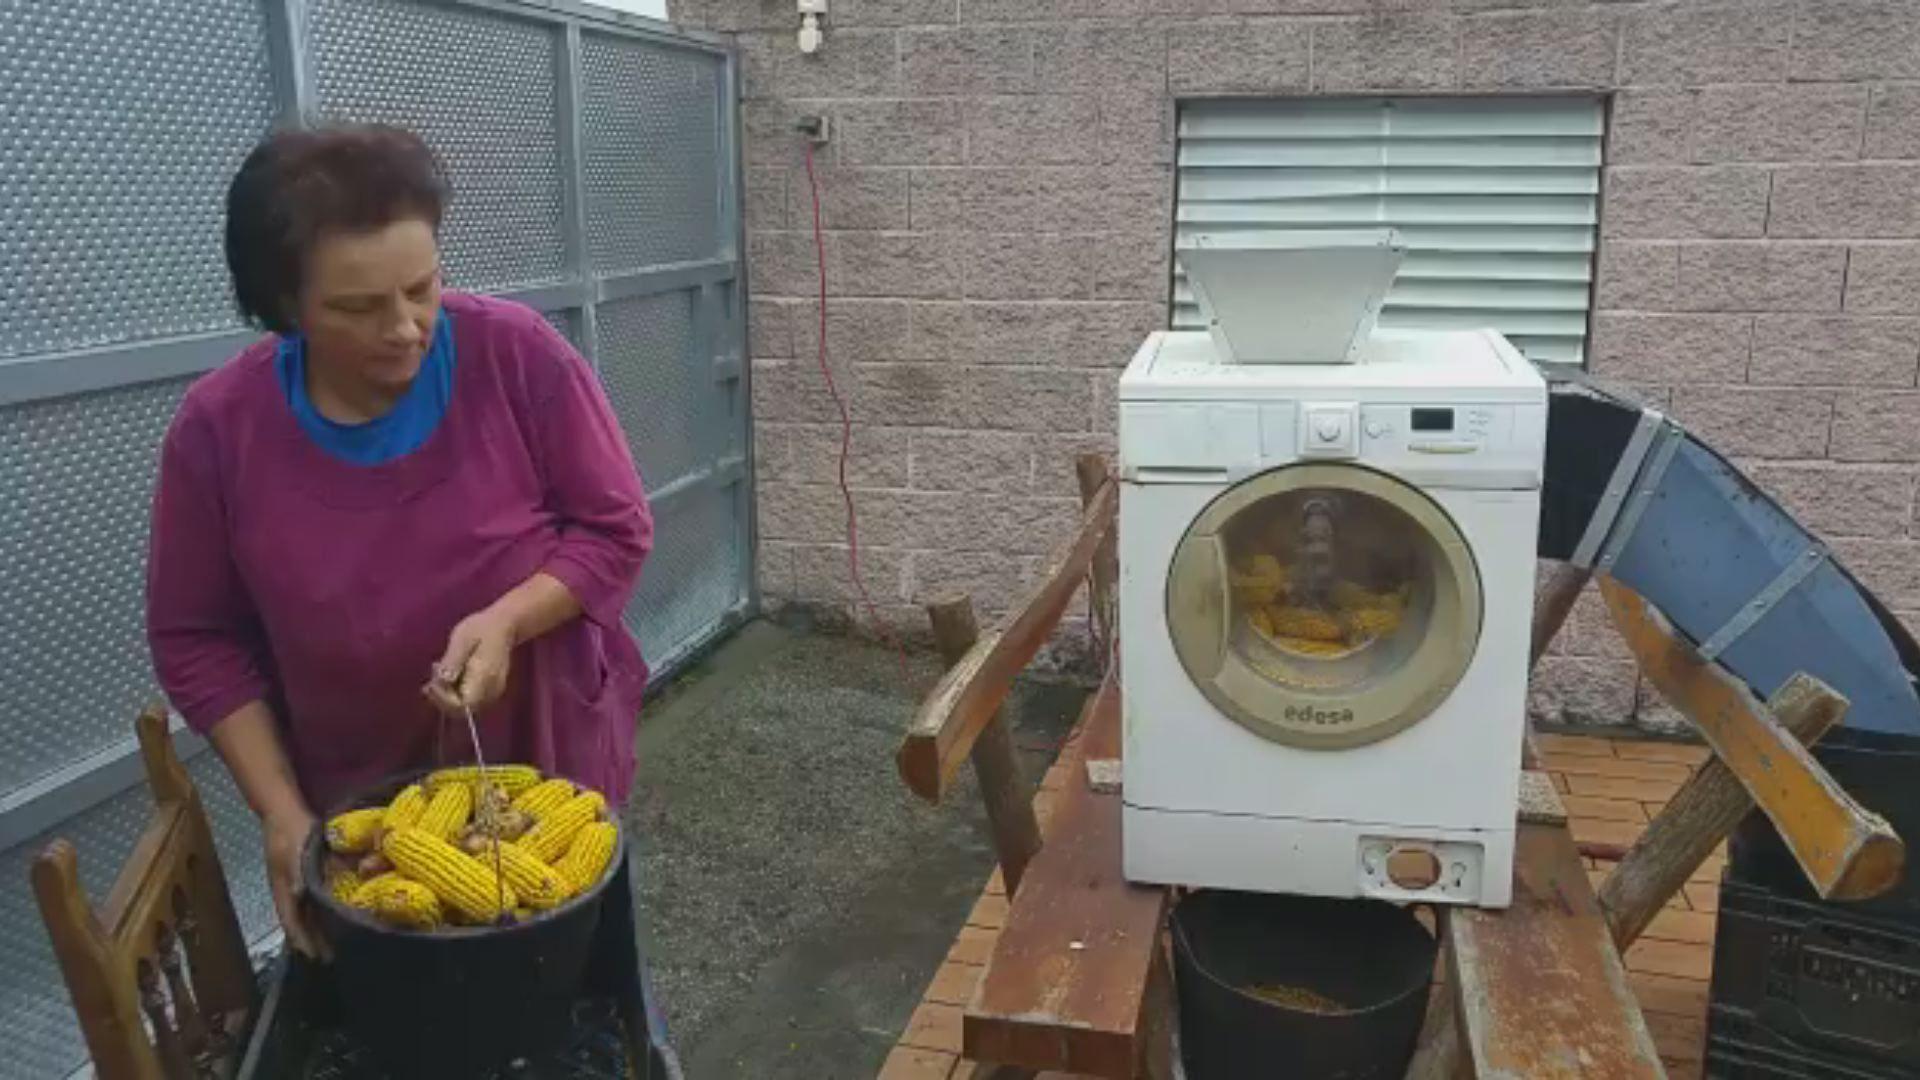 Una vieja lavadora, el mejor «debullador de millo».Enma Rodríguez y Martín Méndez, enfermeros de profesión, comparten su visión